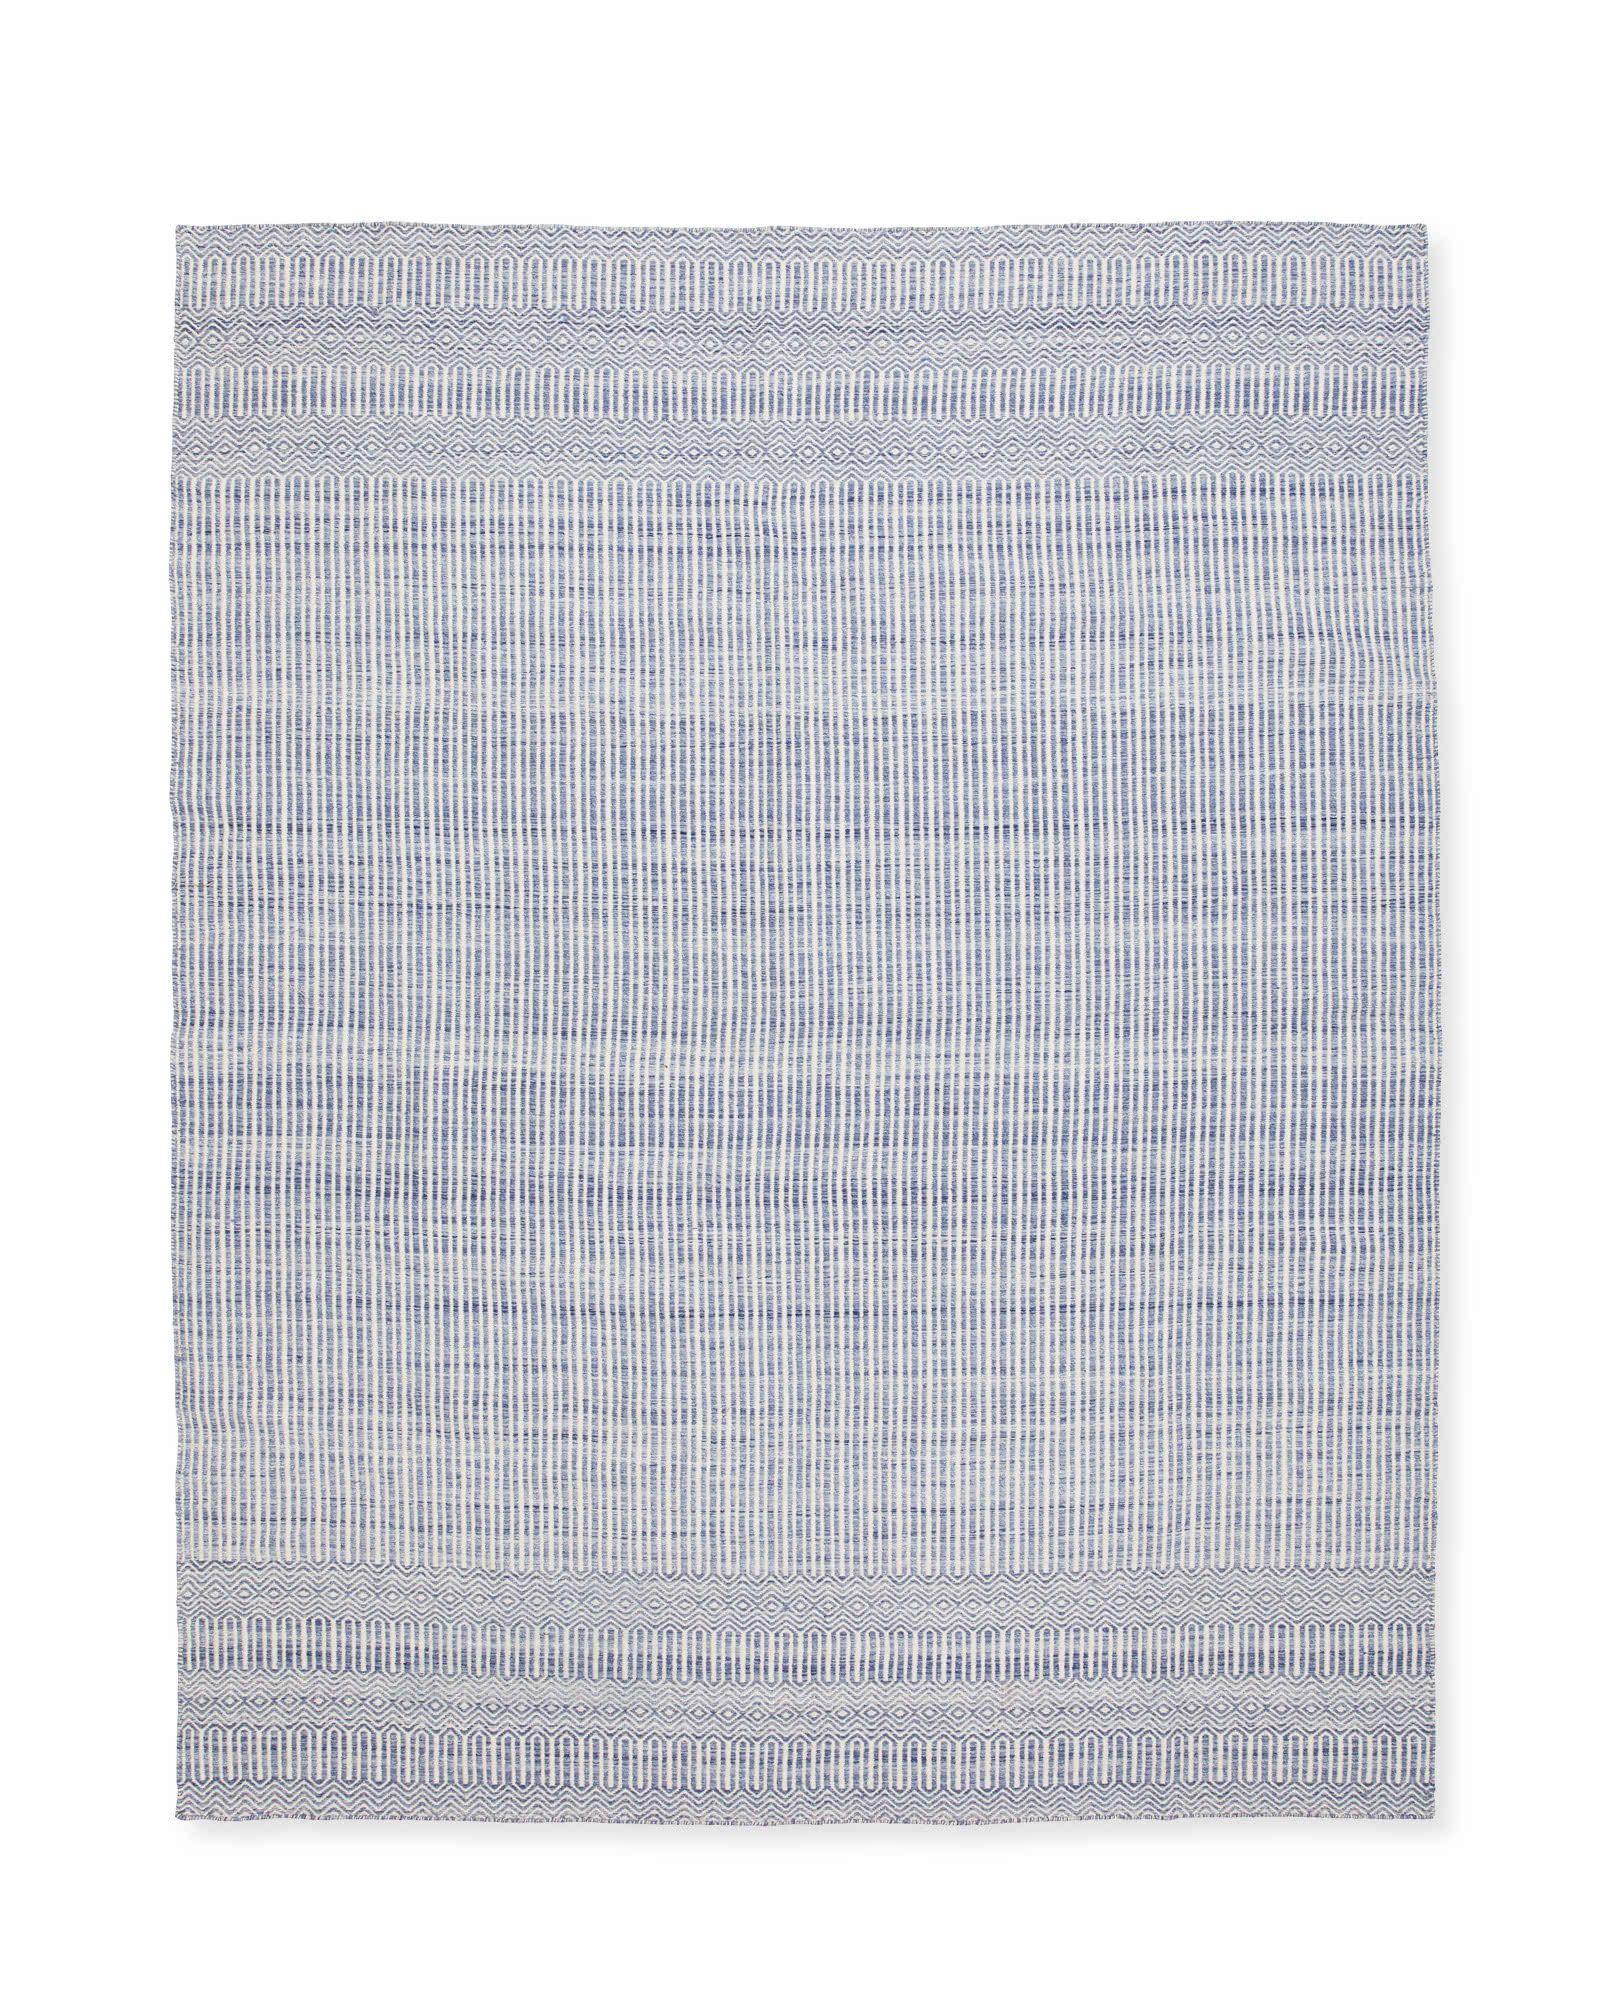 Kitchen Rugs - Stylish Area Rug Ideas